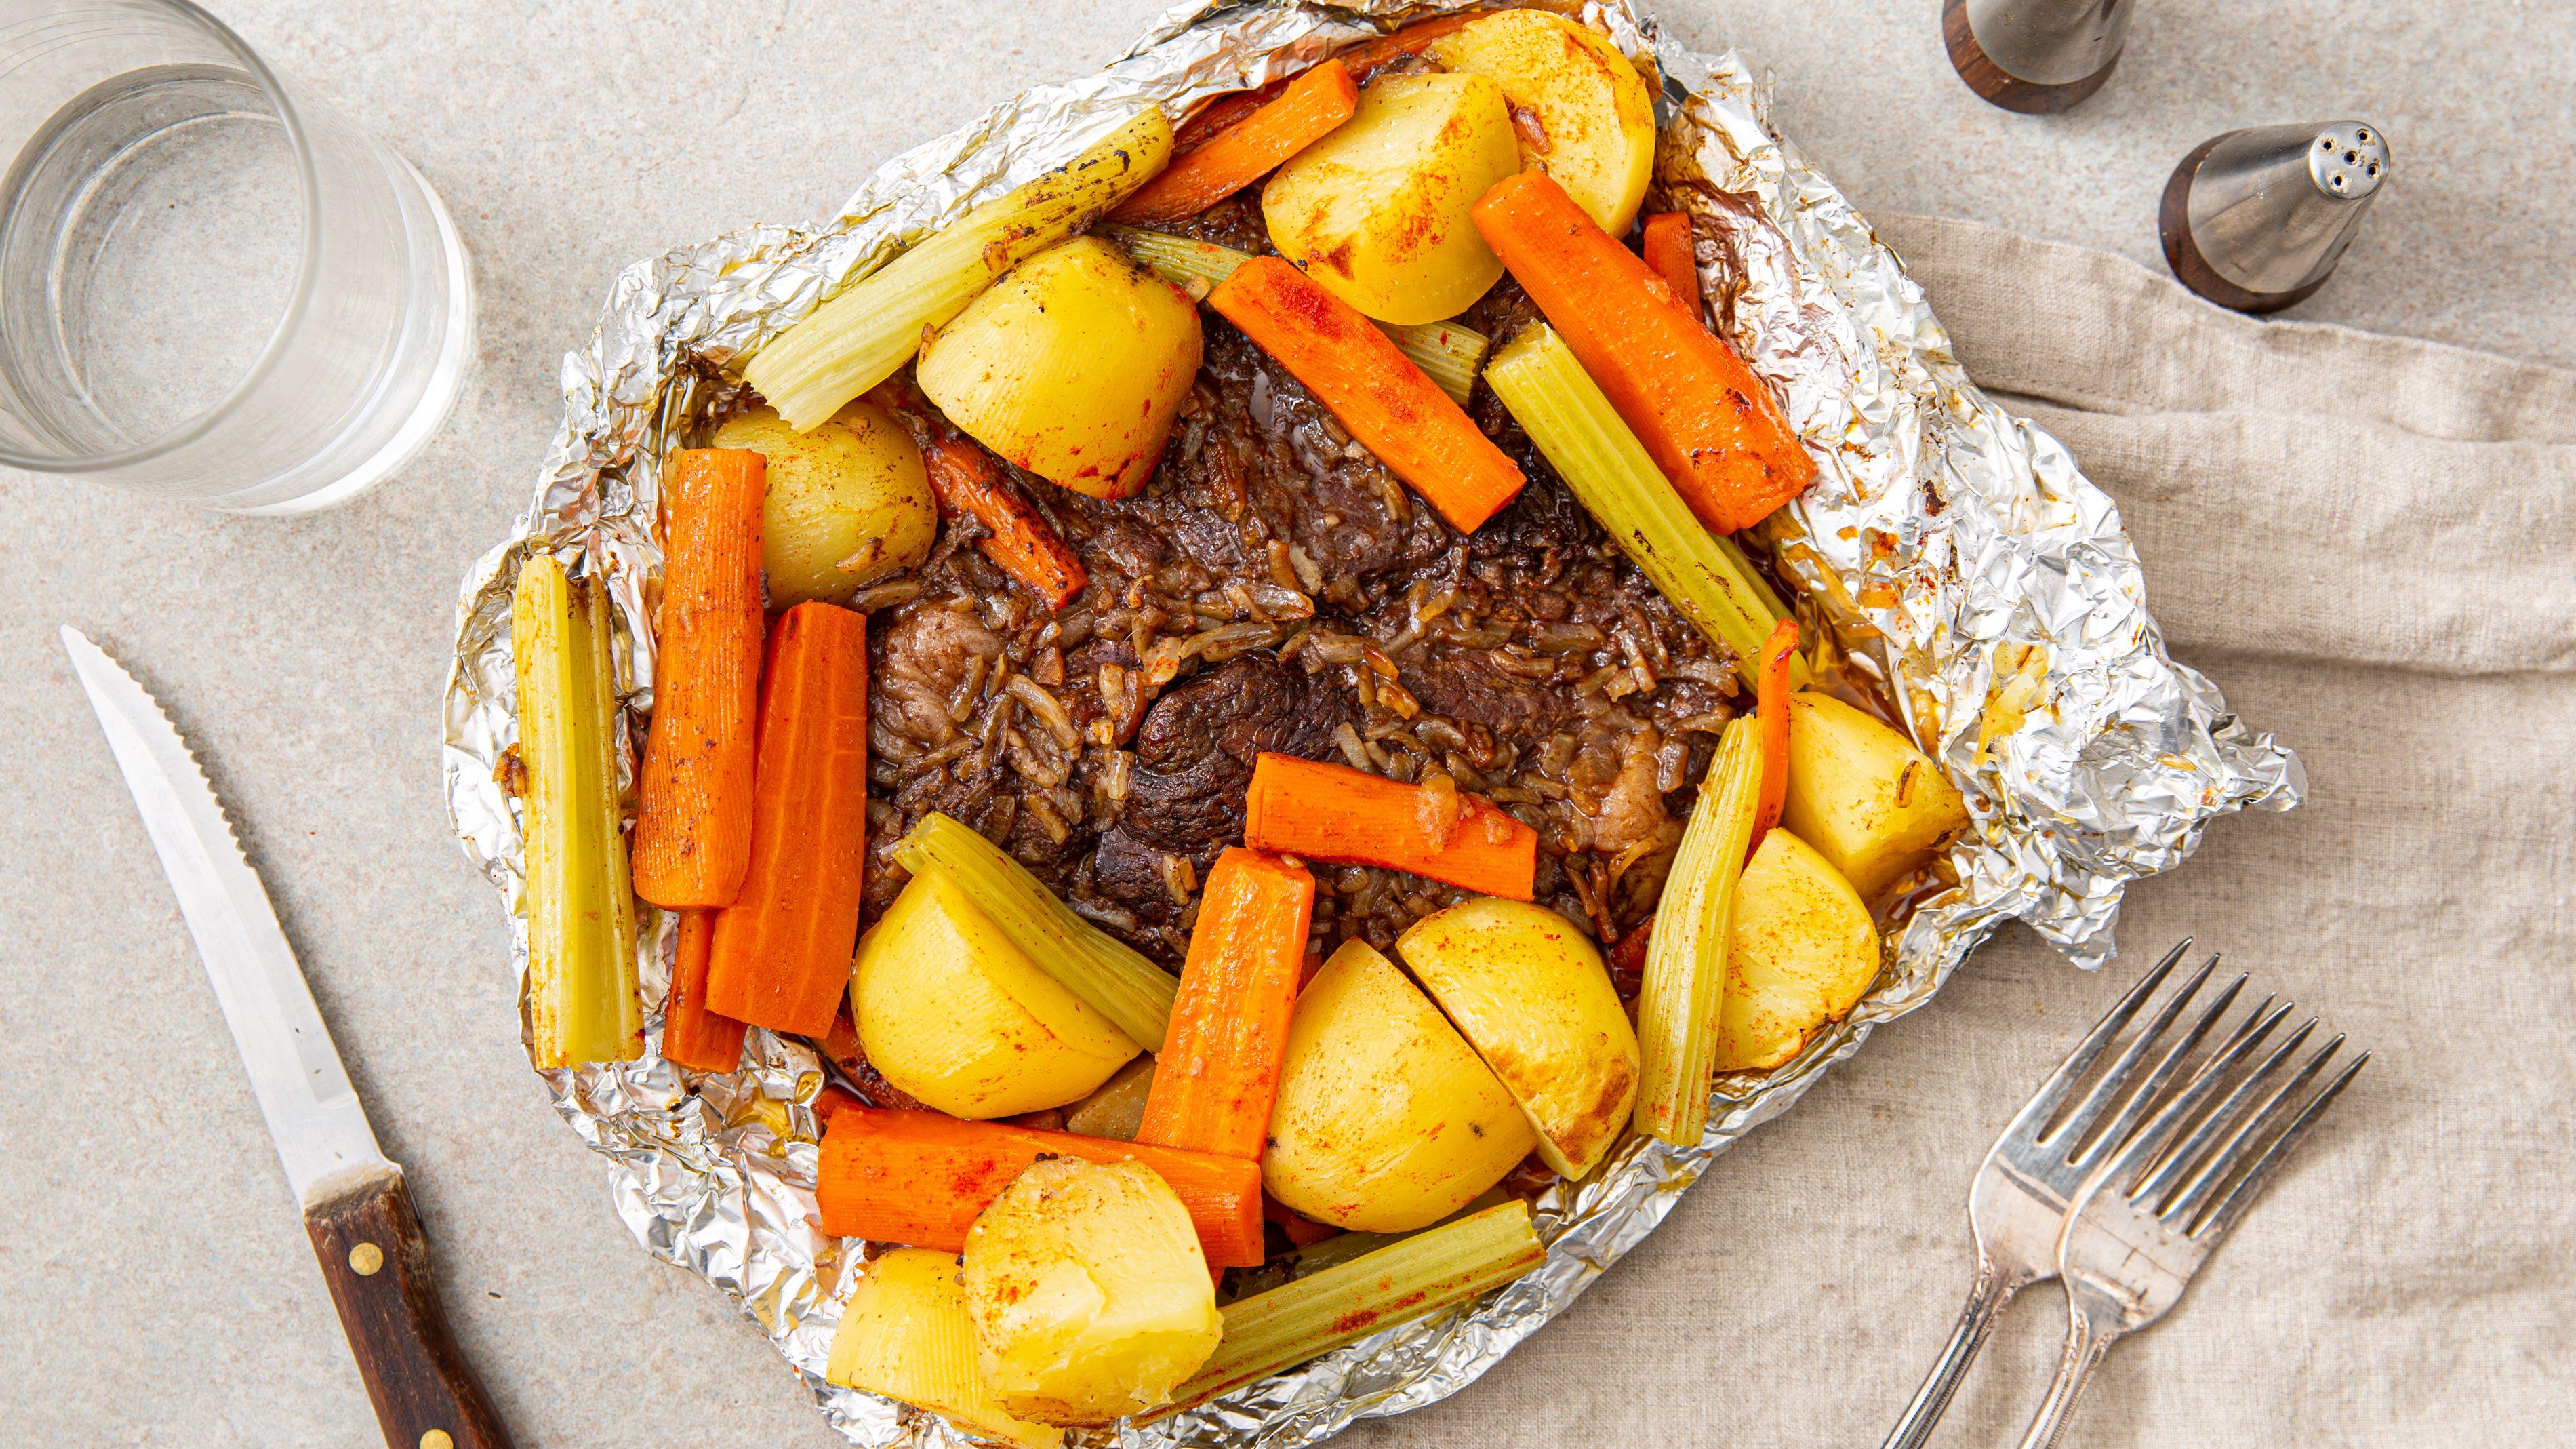 7 Bone Steak Recipes In Oven